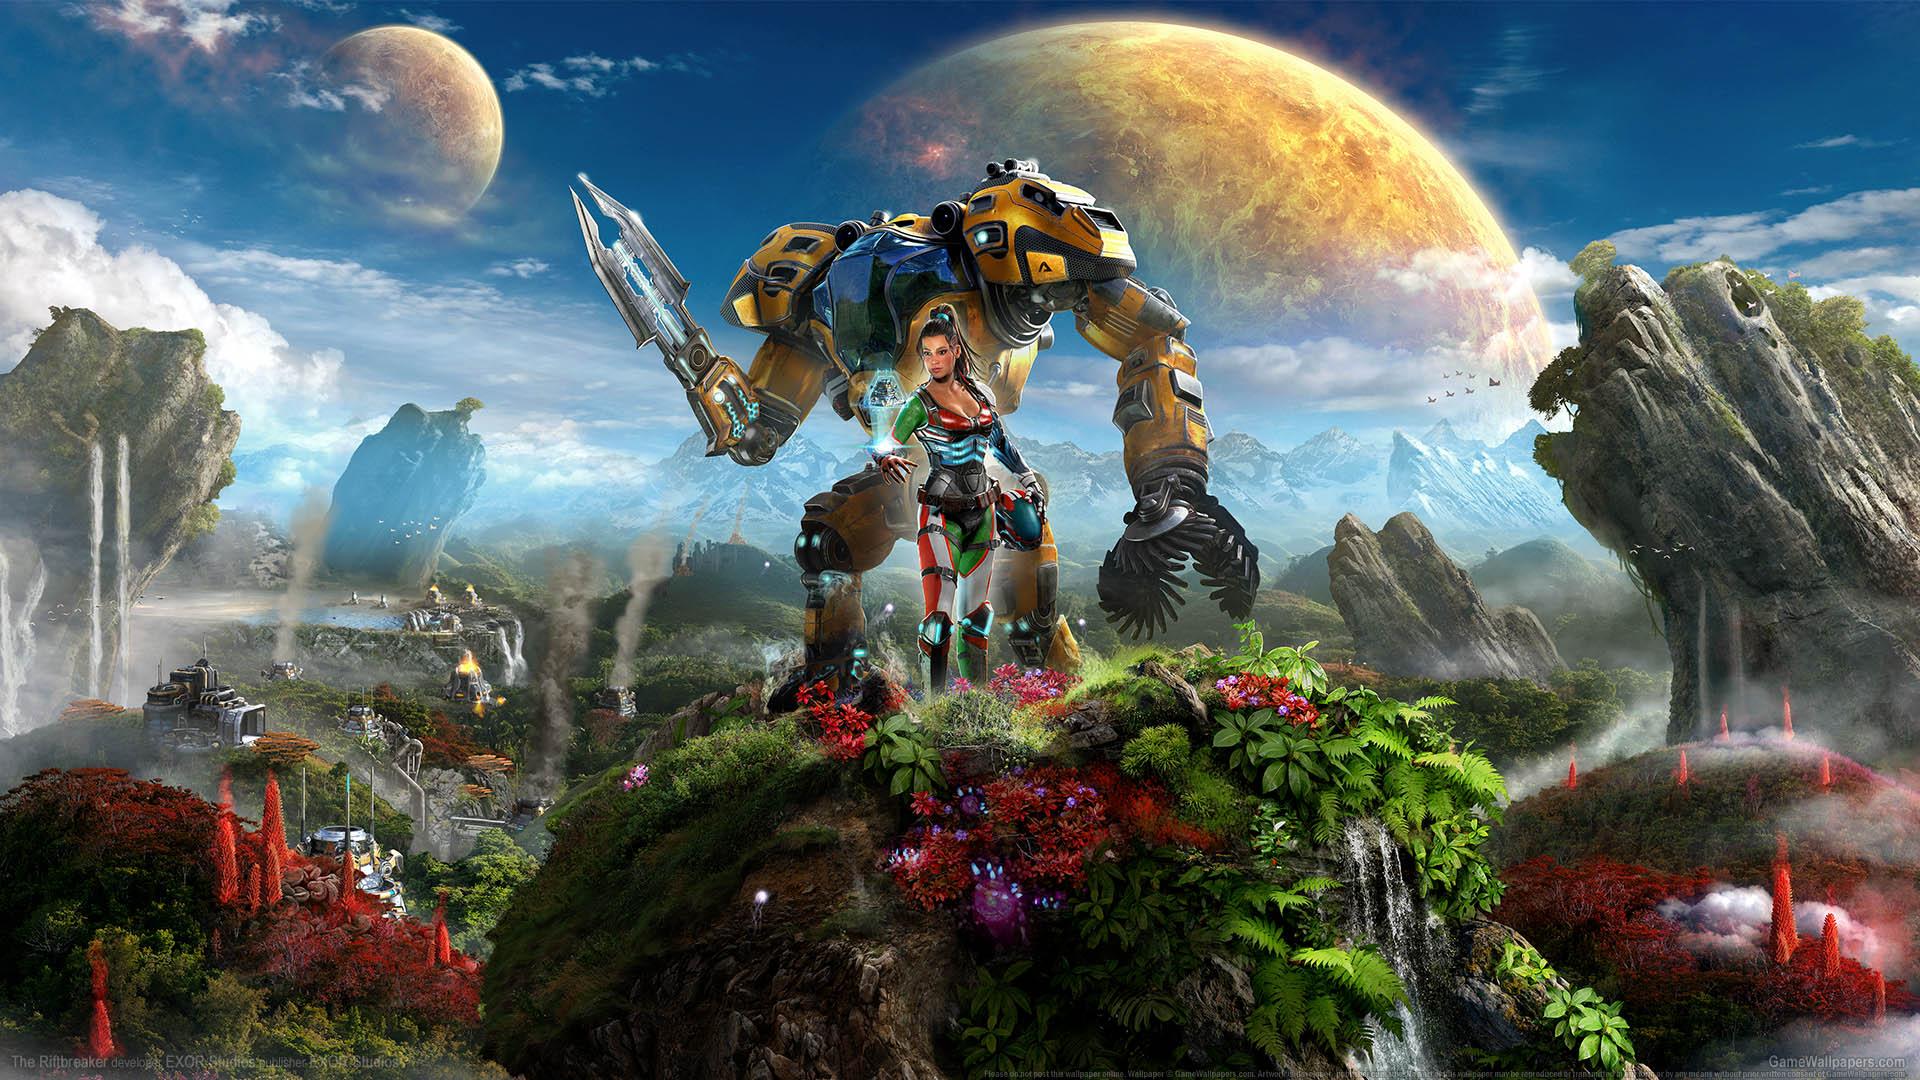 Según el desarrollador de The Riftbreaker, la Xbox Series S dificulta el desarrollo de los juegos